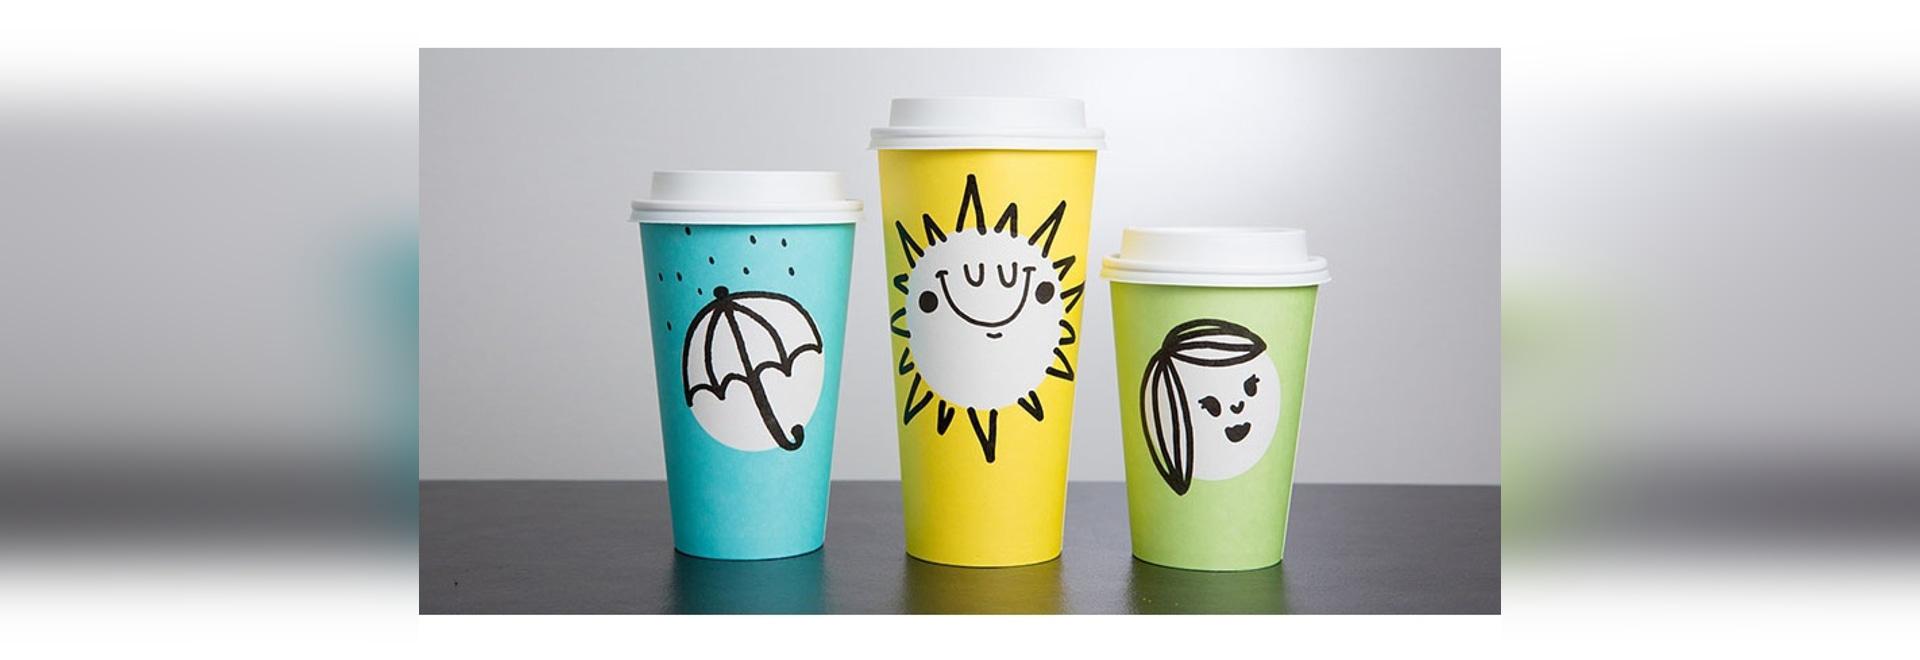 Starbucks stellt neue Frühling-themenorientierte Schalen in drei Spaß-Farben vor